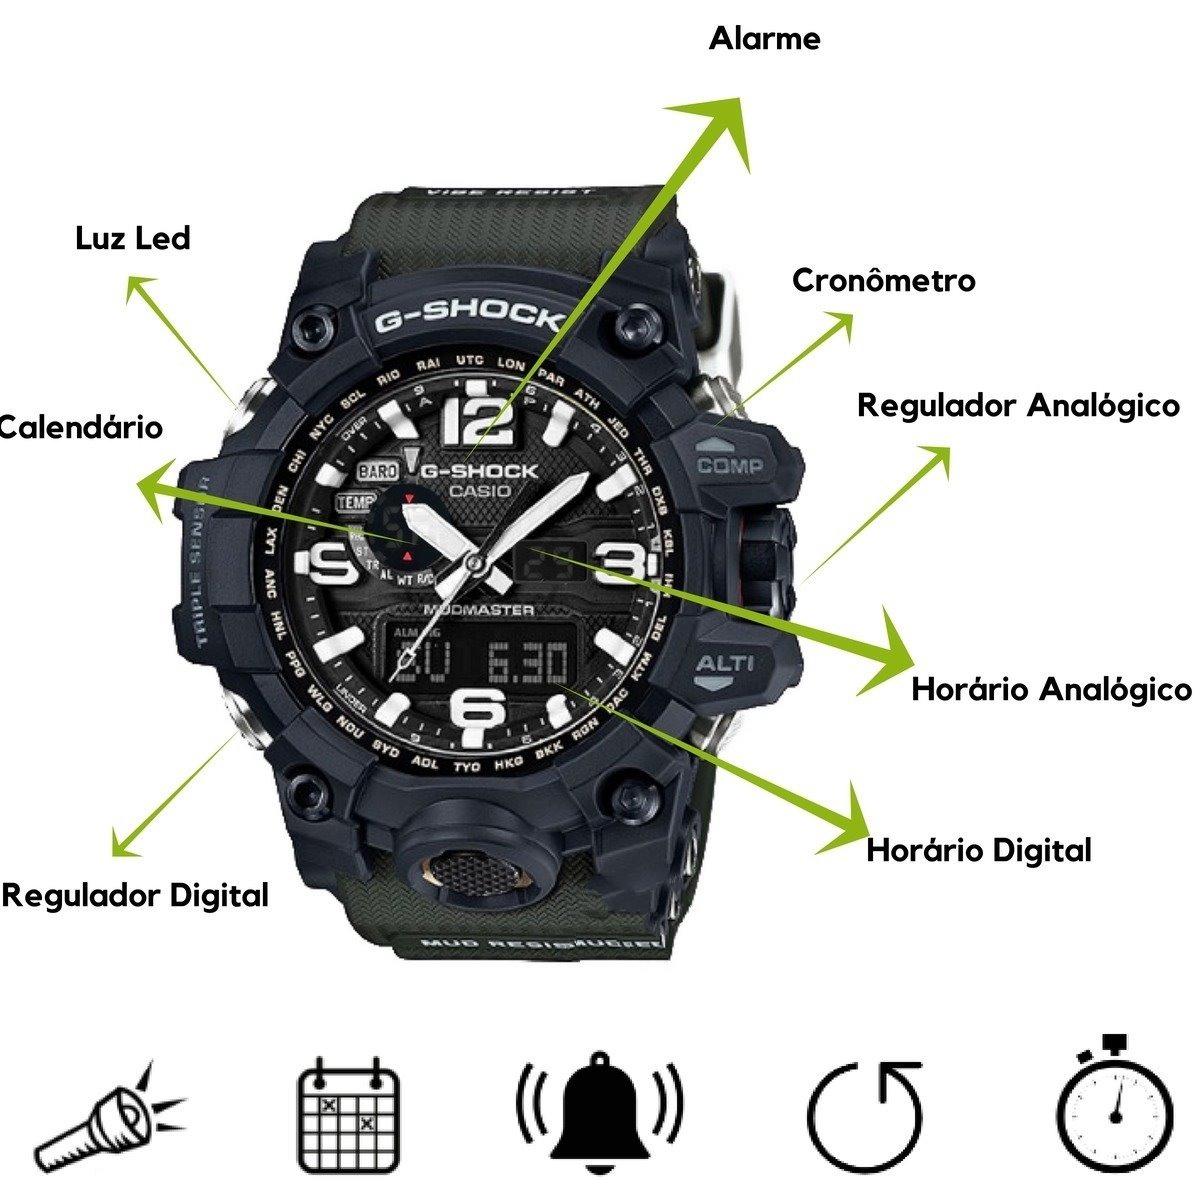 650e4a93bdf Relógio Masculino Analogico Digital Militar Esportivo - R  73